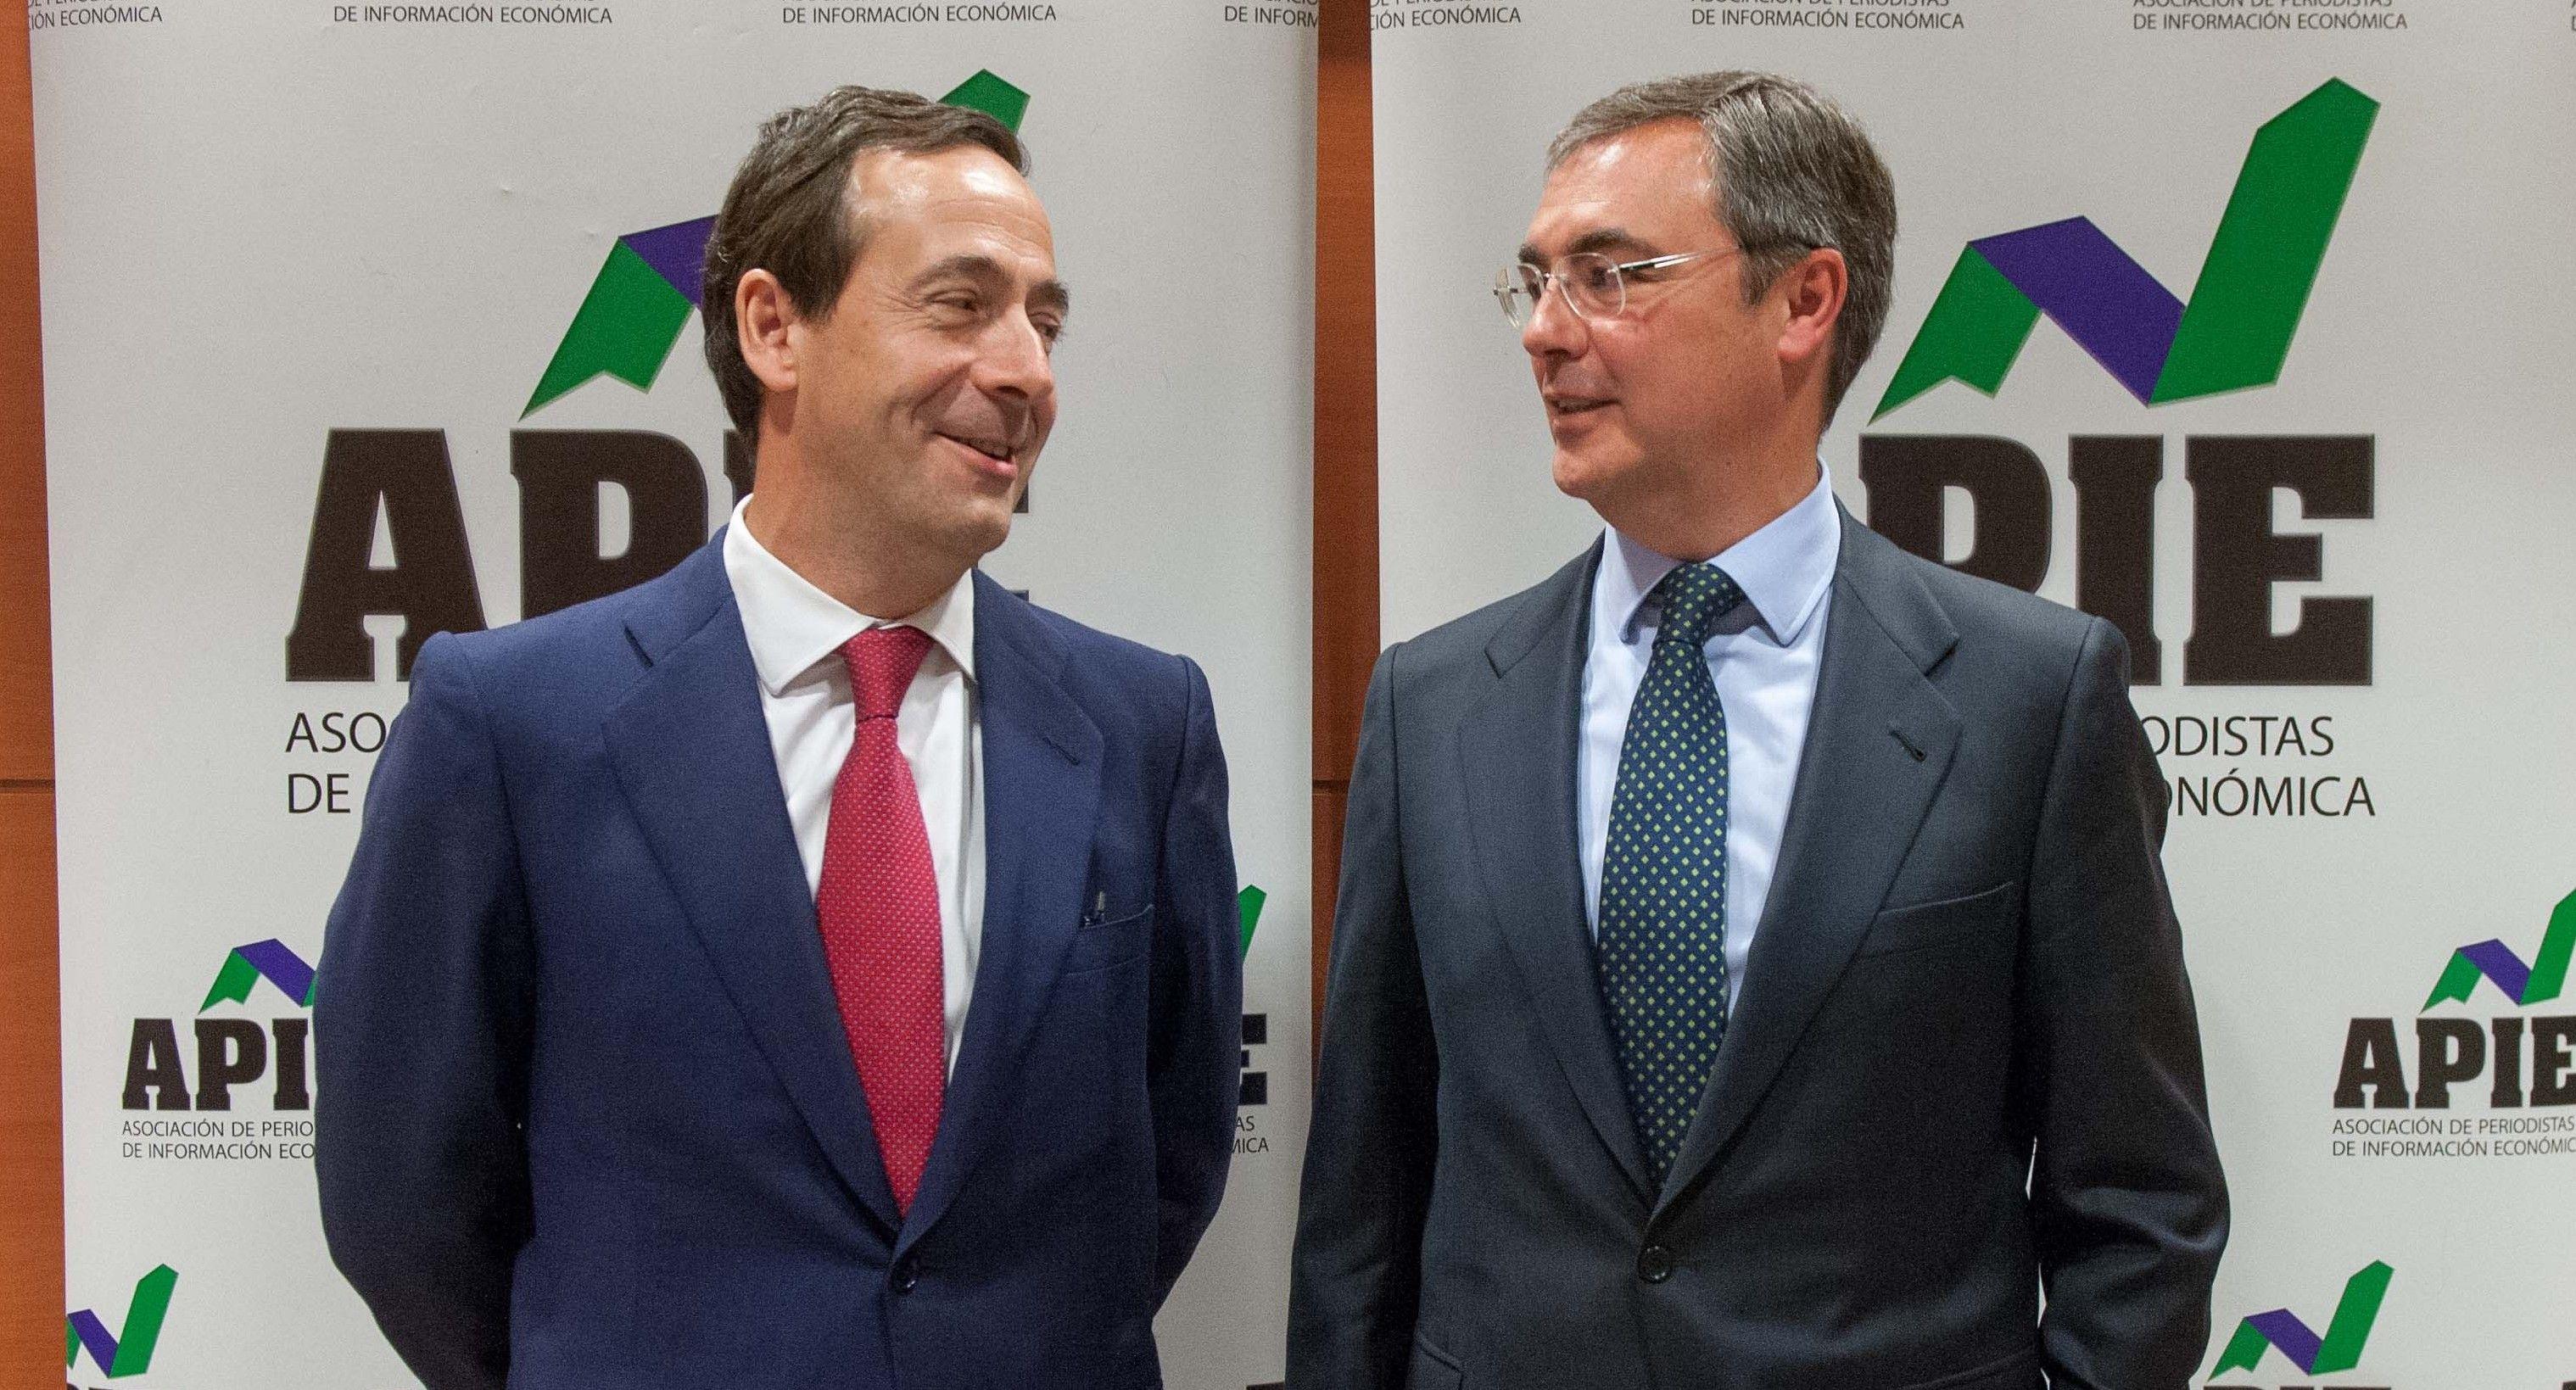 Gonzalo Gortázar, Consejero Delegado de Caixabank, y José Sevilla, Consejero Delegado de Bankia, posan en la Quinta Jornada del Curso de Economía organizado por APIE.